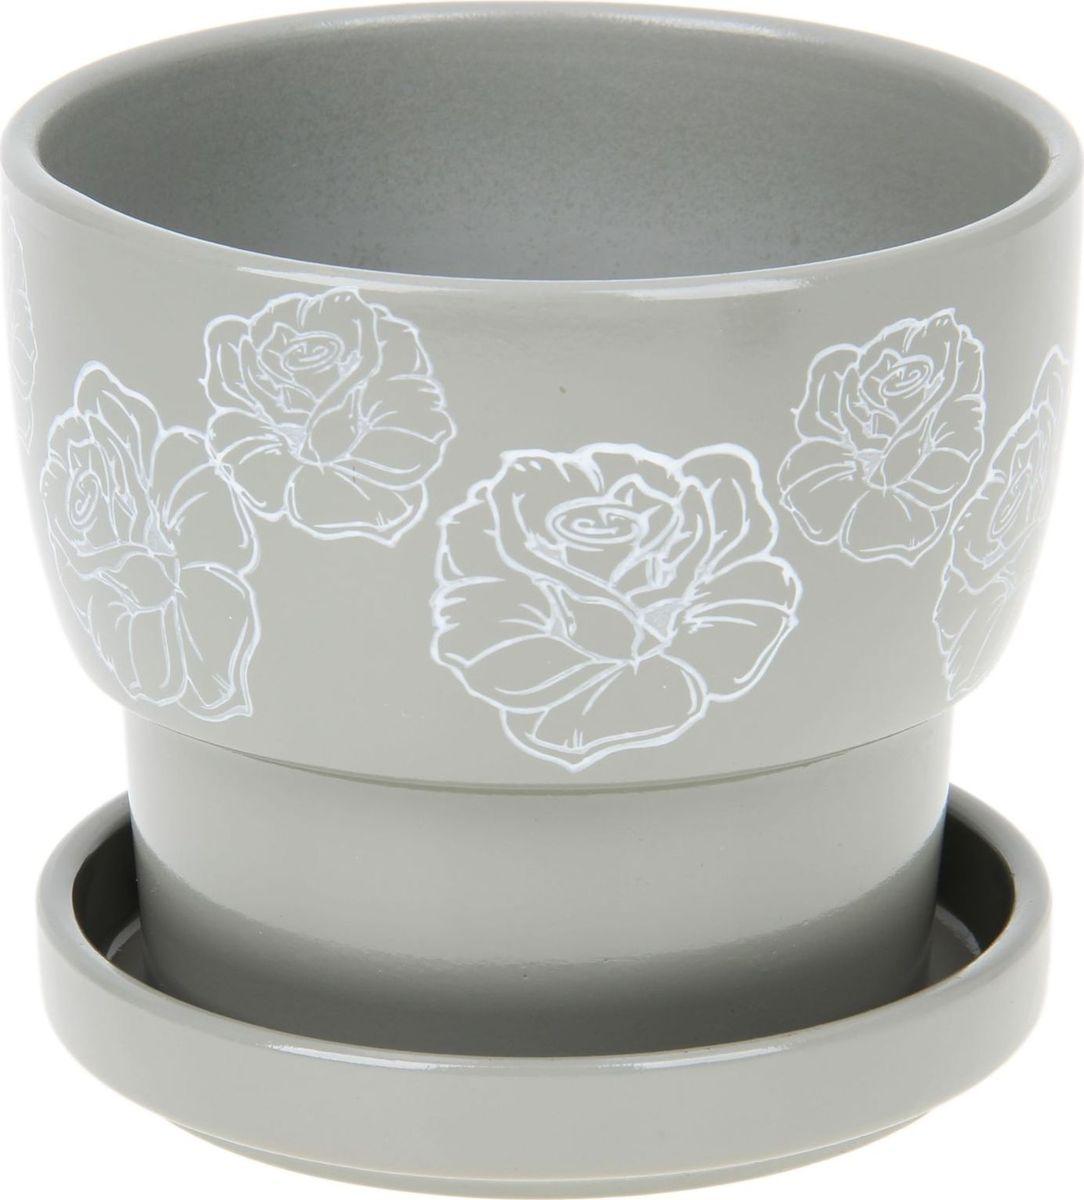 Кашпо Белые розы, цвет: серый, 0,72 л1056033Комнатные растения — всеобщие любимцы. Они радуют глаз, насыщают помещение кислородом и украшают пространство. Каждому из них необходим свой удобный и красивый дом. Кашпо из керамики прекрасно подходят для высадки растений: за счёт пластичности глины и разных способов обработки существует великое множество форм и дизайновпористый материал позволяет испаряться лишней влагевоздух, необходимый для дыхания корней, проникает сквозь керамические стенки! #name# позаботится о зелёном питомце, освежит интерьер и подчеркнёт его стиль.